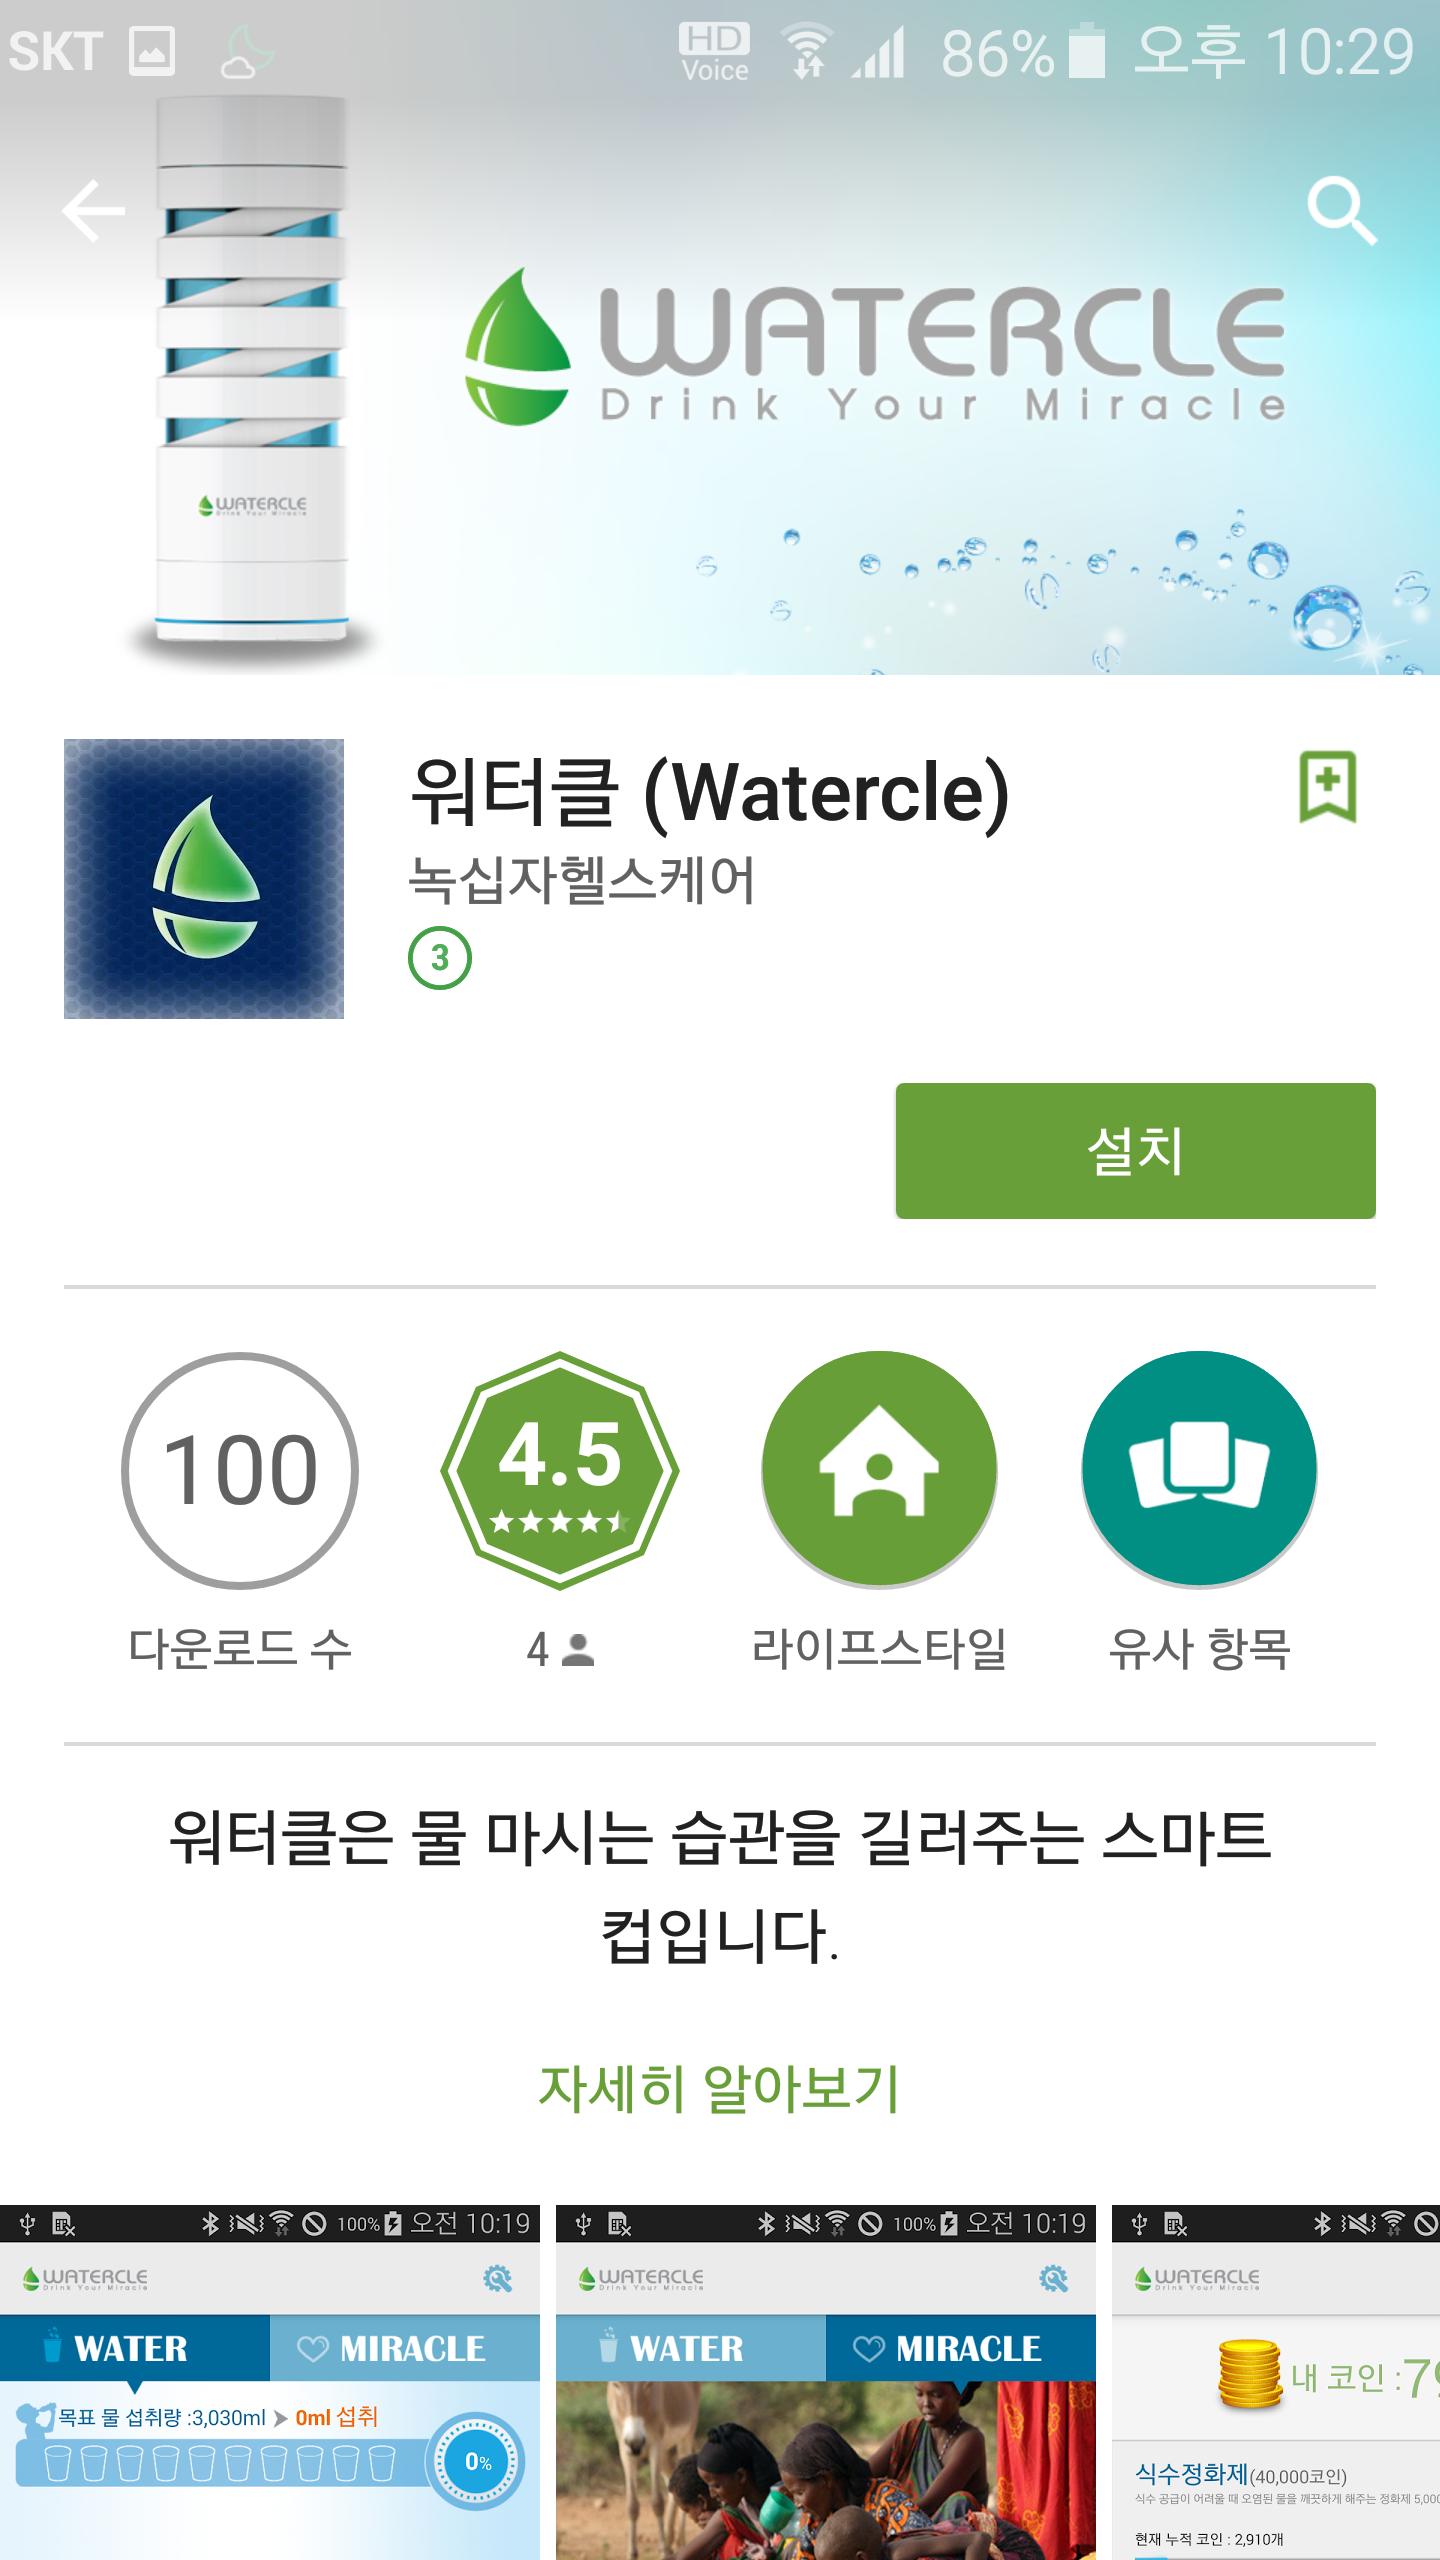 워터클 ,물 많이 마시는 습관 ,건강해지는 텀블러,물병 사물인터넷,IoT,물,워터클,watercle,IT,IT 제품리뷰,워터클 물 많이 마시는 습관 건강해지는 텀블러를 소개 합니다. 세계 최초 물 음용량 자동 측정 컵 이라는데요. 마신 물의 양을 계산 해서 스마트폰 앱을 통해서 확인할 수 있는 그런 제품 입니다. 물은 인체에서 중요한 요소 입니다. 자연스럽게 물을 많이 먹도록 도와주는 워터클은 하루에 먹을 물의 양을 쉽게 이미지로 표현해 줍니다. 저도 물을 많이 먹는 편은 아닌데요. 물은 많이 마셔서 나쁠건 없습니다. 물은 꼭 필요할 때 먹는다고 가정할 때 보통 사람들은 그렇게 많이 마시지 않기 때문이죠. 뉴스에서도 본적이 있지만 어떤 여자분이 물을 많이 꾸준히 마셨더니 피부와 몸이 많이 좋아졌다는 내용을 본것이 기억이 납니다. 워터클은 물을 많이 마시게 도와줘서 몸에서 노폐물을 빼는데 도움을 주고 다이어트나 피로를 줄이는데 도움을 줍니다. 물론 가능하면 생수나 곡류를 우려낸 물을 많이 마시는게 좋겠죠. 커피를 마시면 그것에 두배되는 맑은 물을 마셔야 한다고 들은 기억이 있으니까요. 그리고 기부도 가능합니다. 물을 많이 마시면 내부적으로 포인트가 생기고 이것을 물이 부족한 국가에 기부할 수 있다고 하는군요.